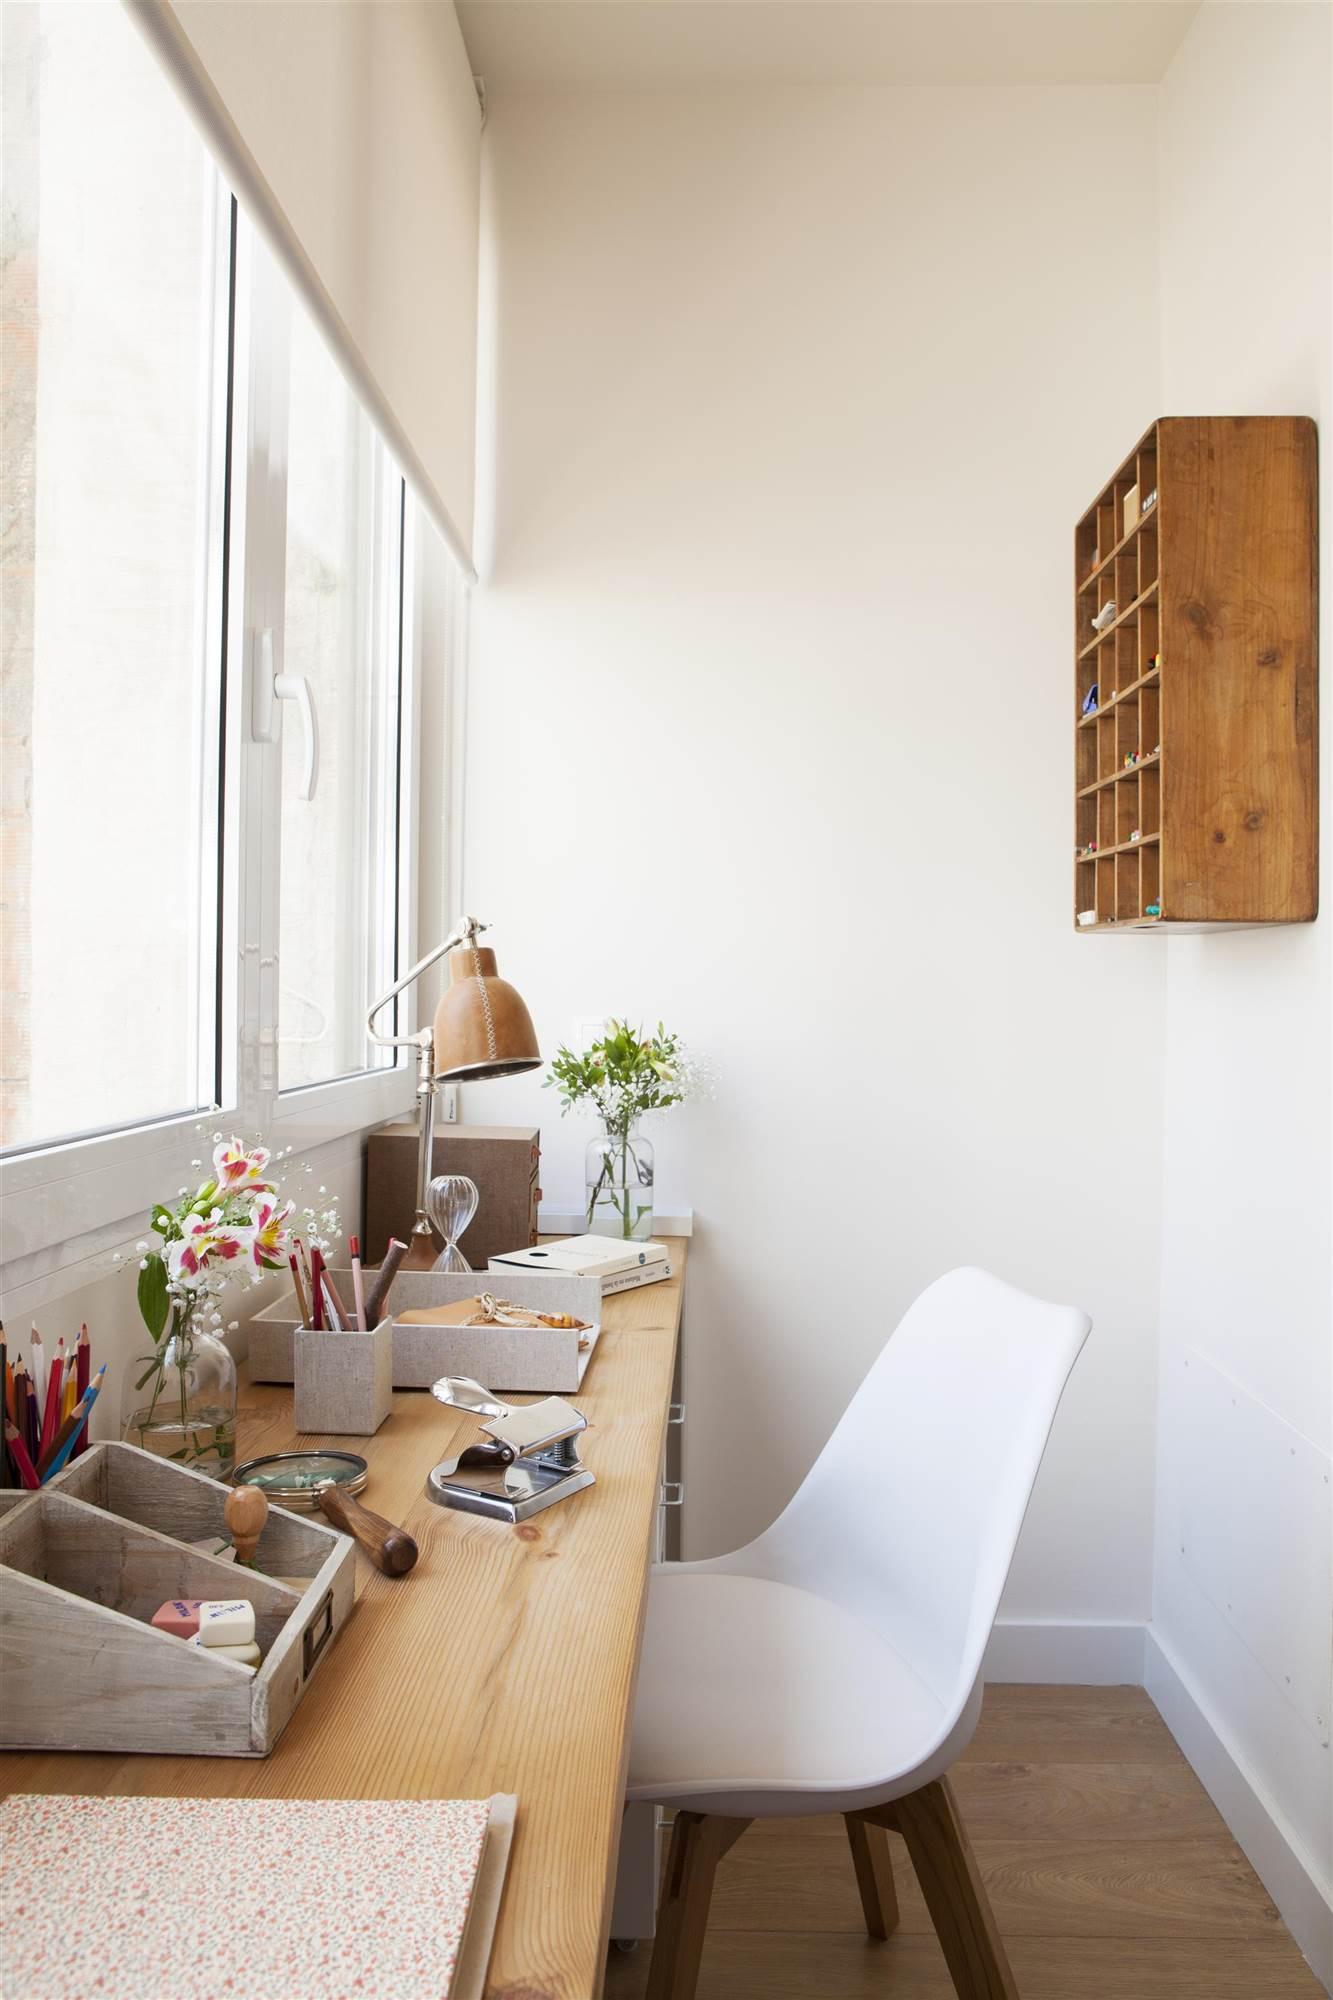 7 Muebles Y Accesorios Para Decorar Un Estudio Pequeño